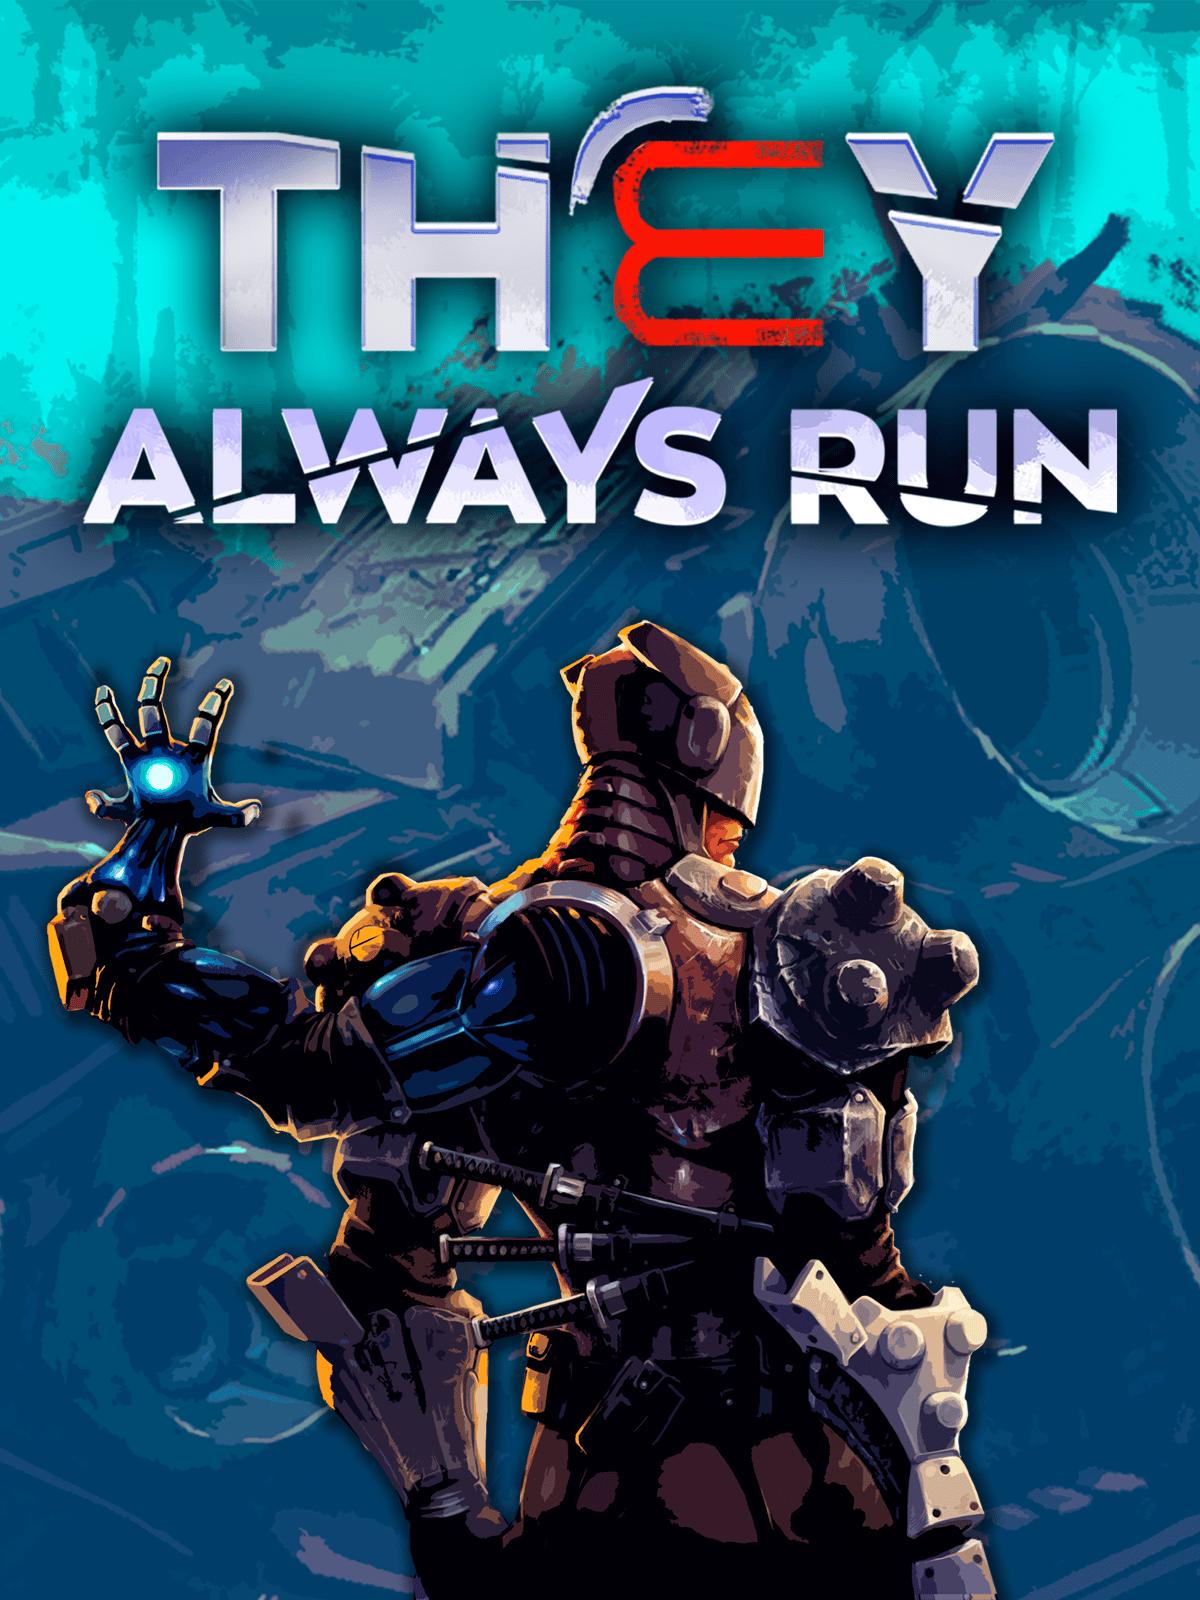 They Always Run | WW (e3db05fa-728f-4e79-8558-e3ce26c89272)